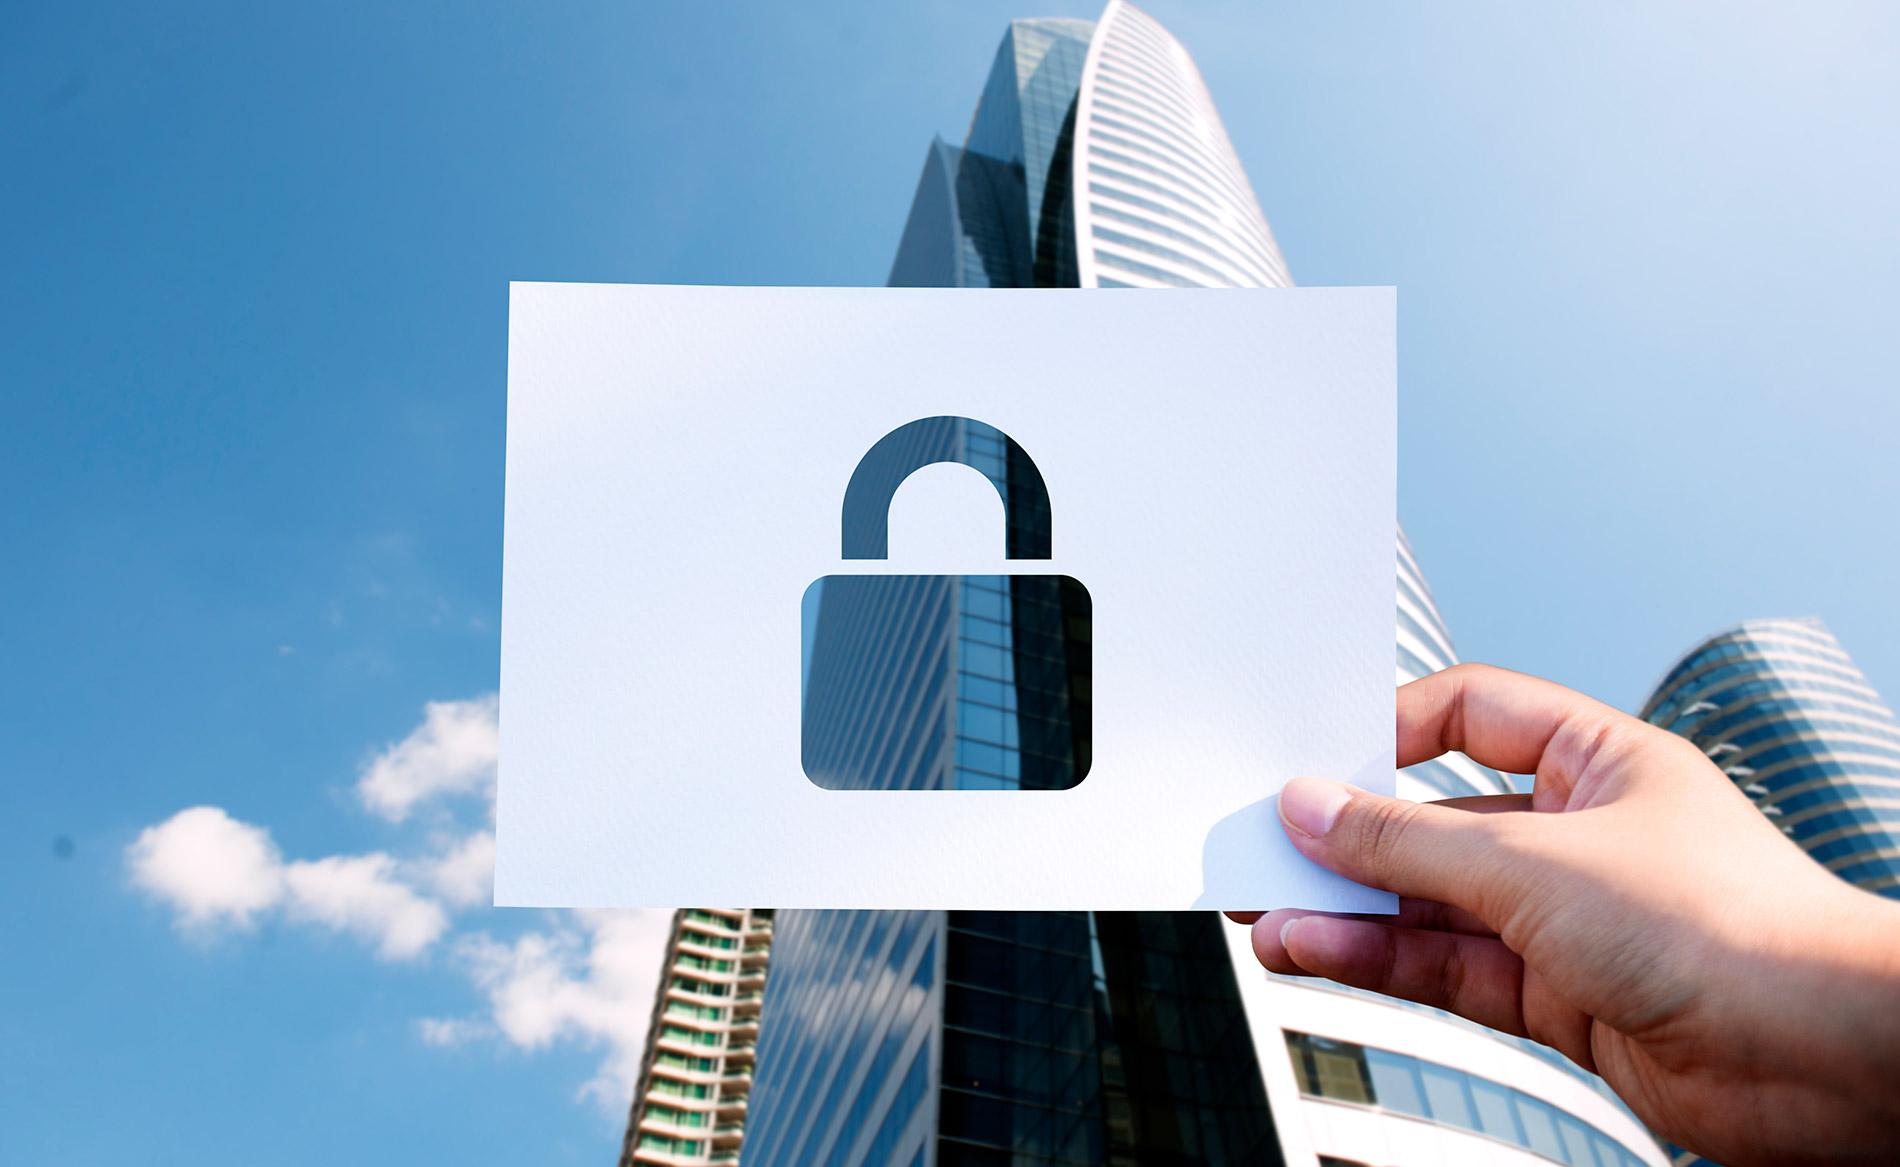 Curso Seguridad Datos Personales Gratis